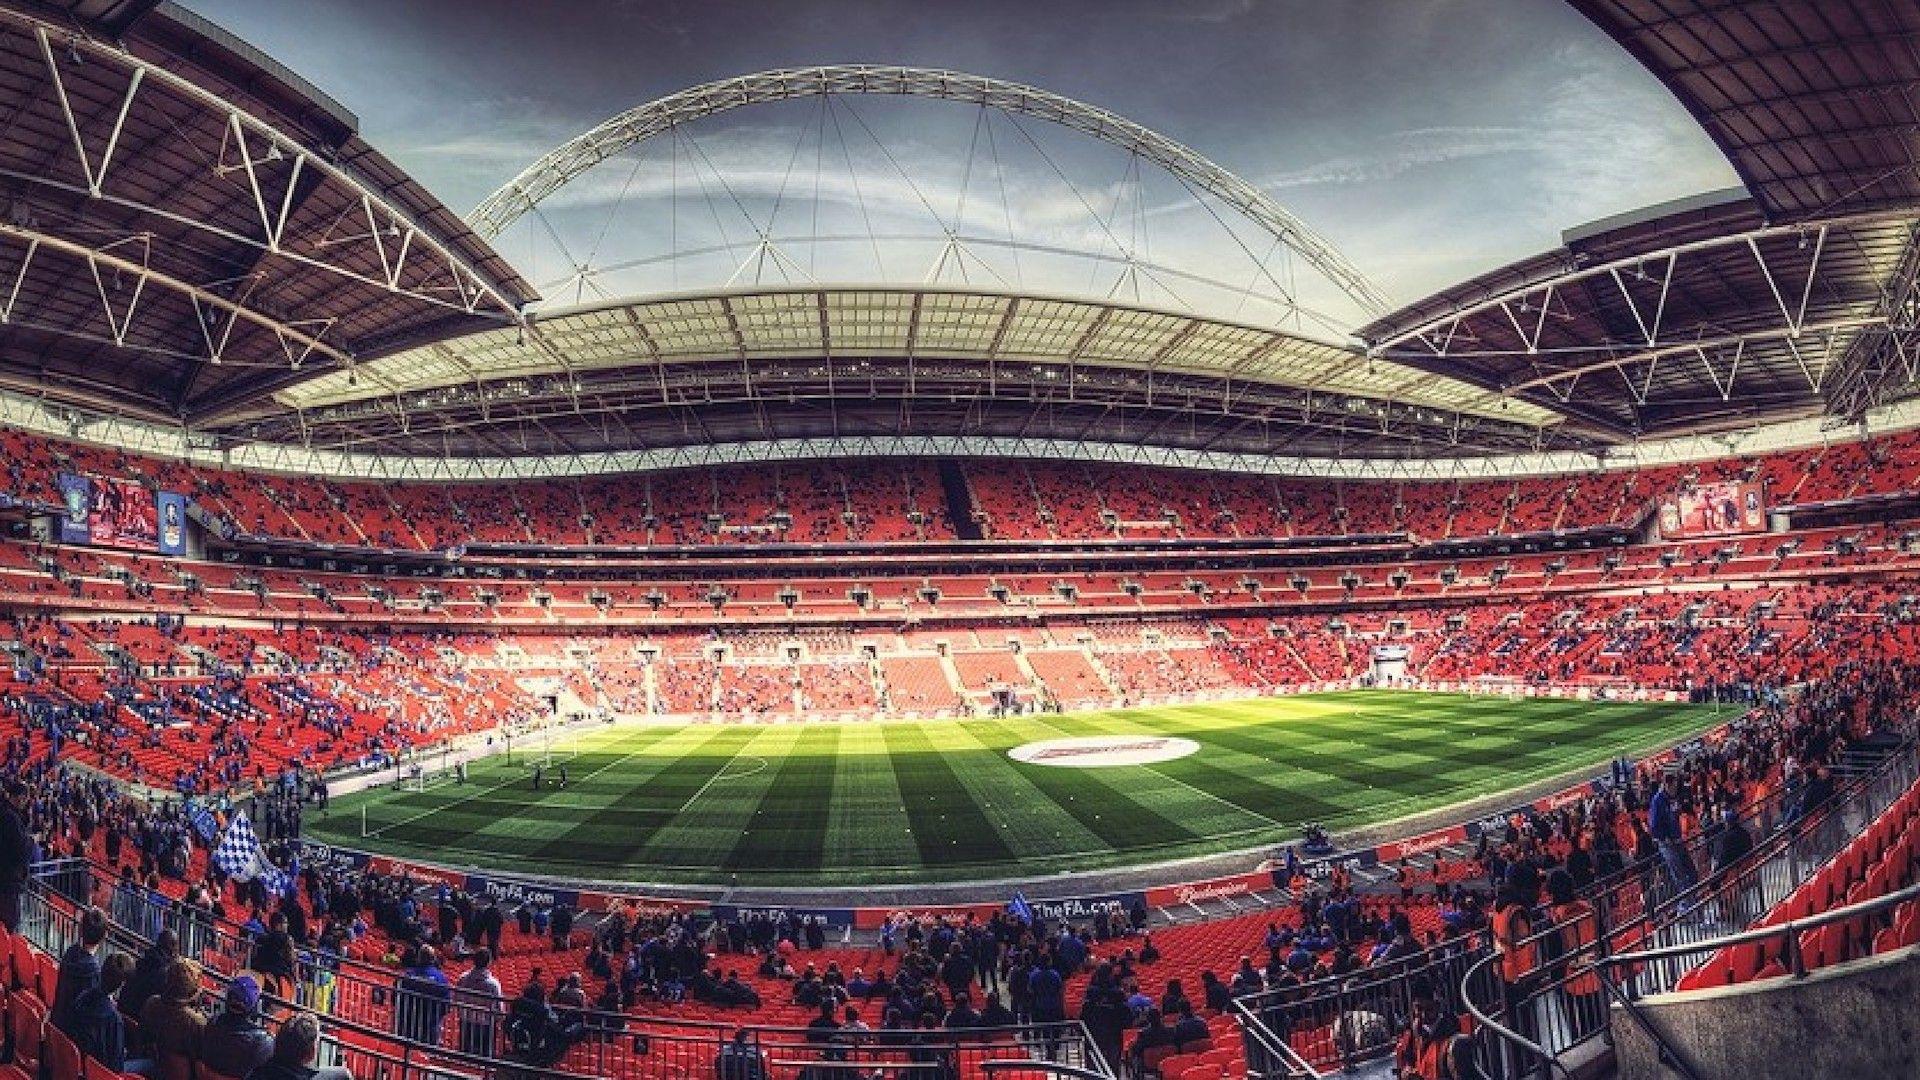 Estos son algunos de los mejores estadios del mundo